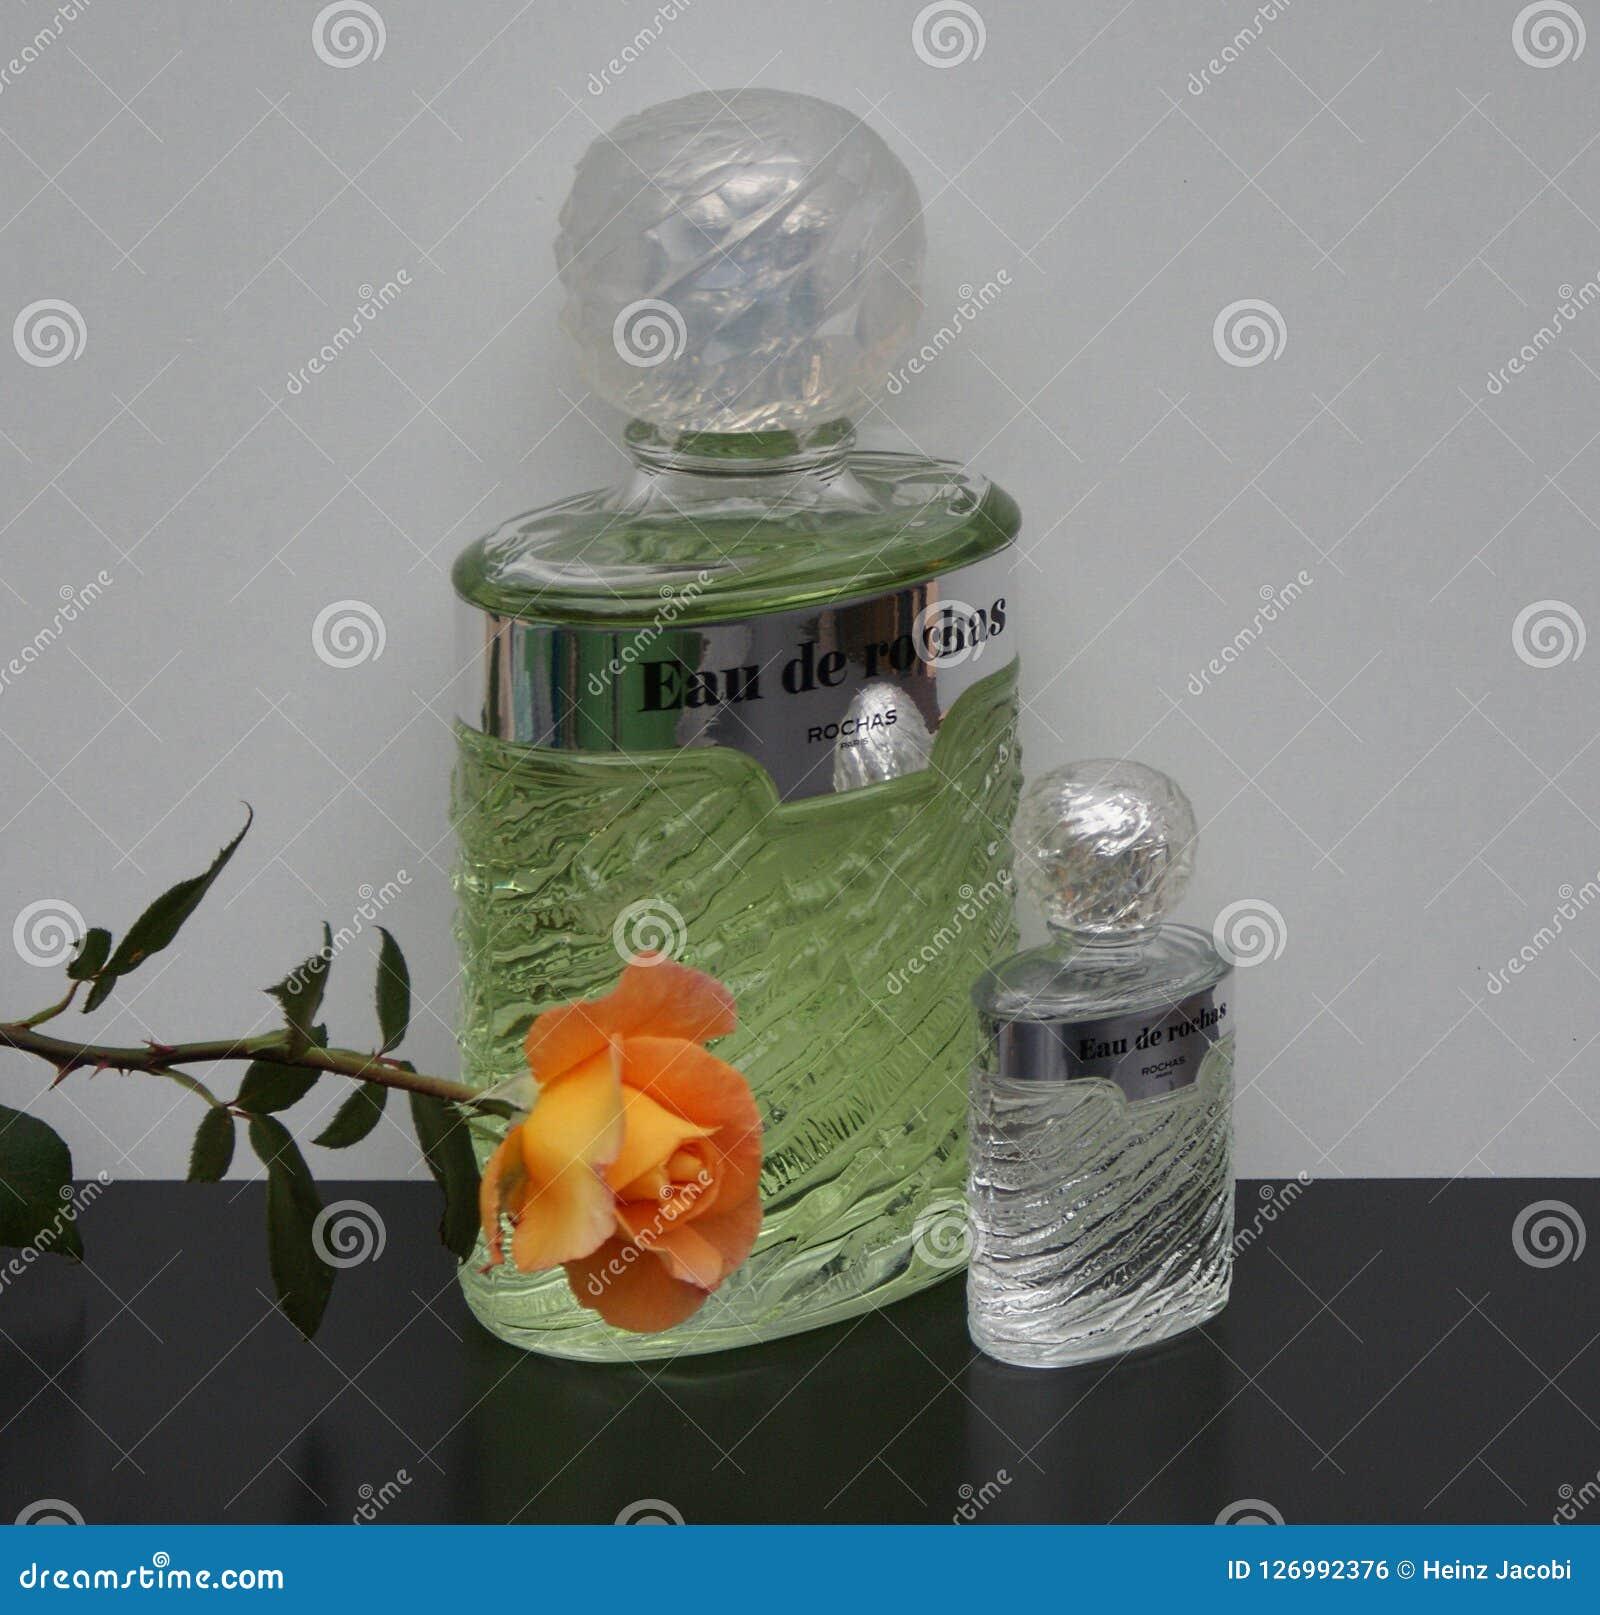 Eau de Rochas, fragranza per le signore, grande bottiglia di profumo accanto ad una bottiglia di profumo commerciale decorata con